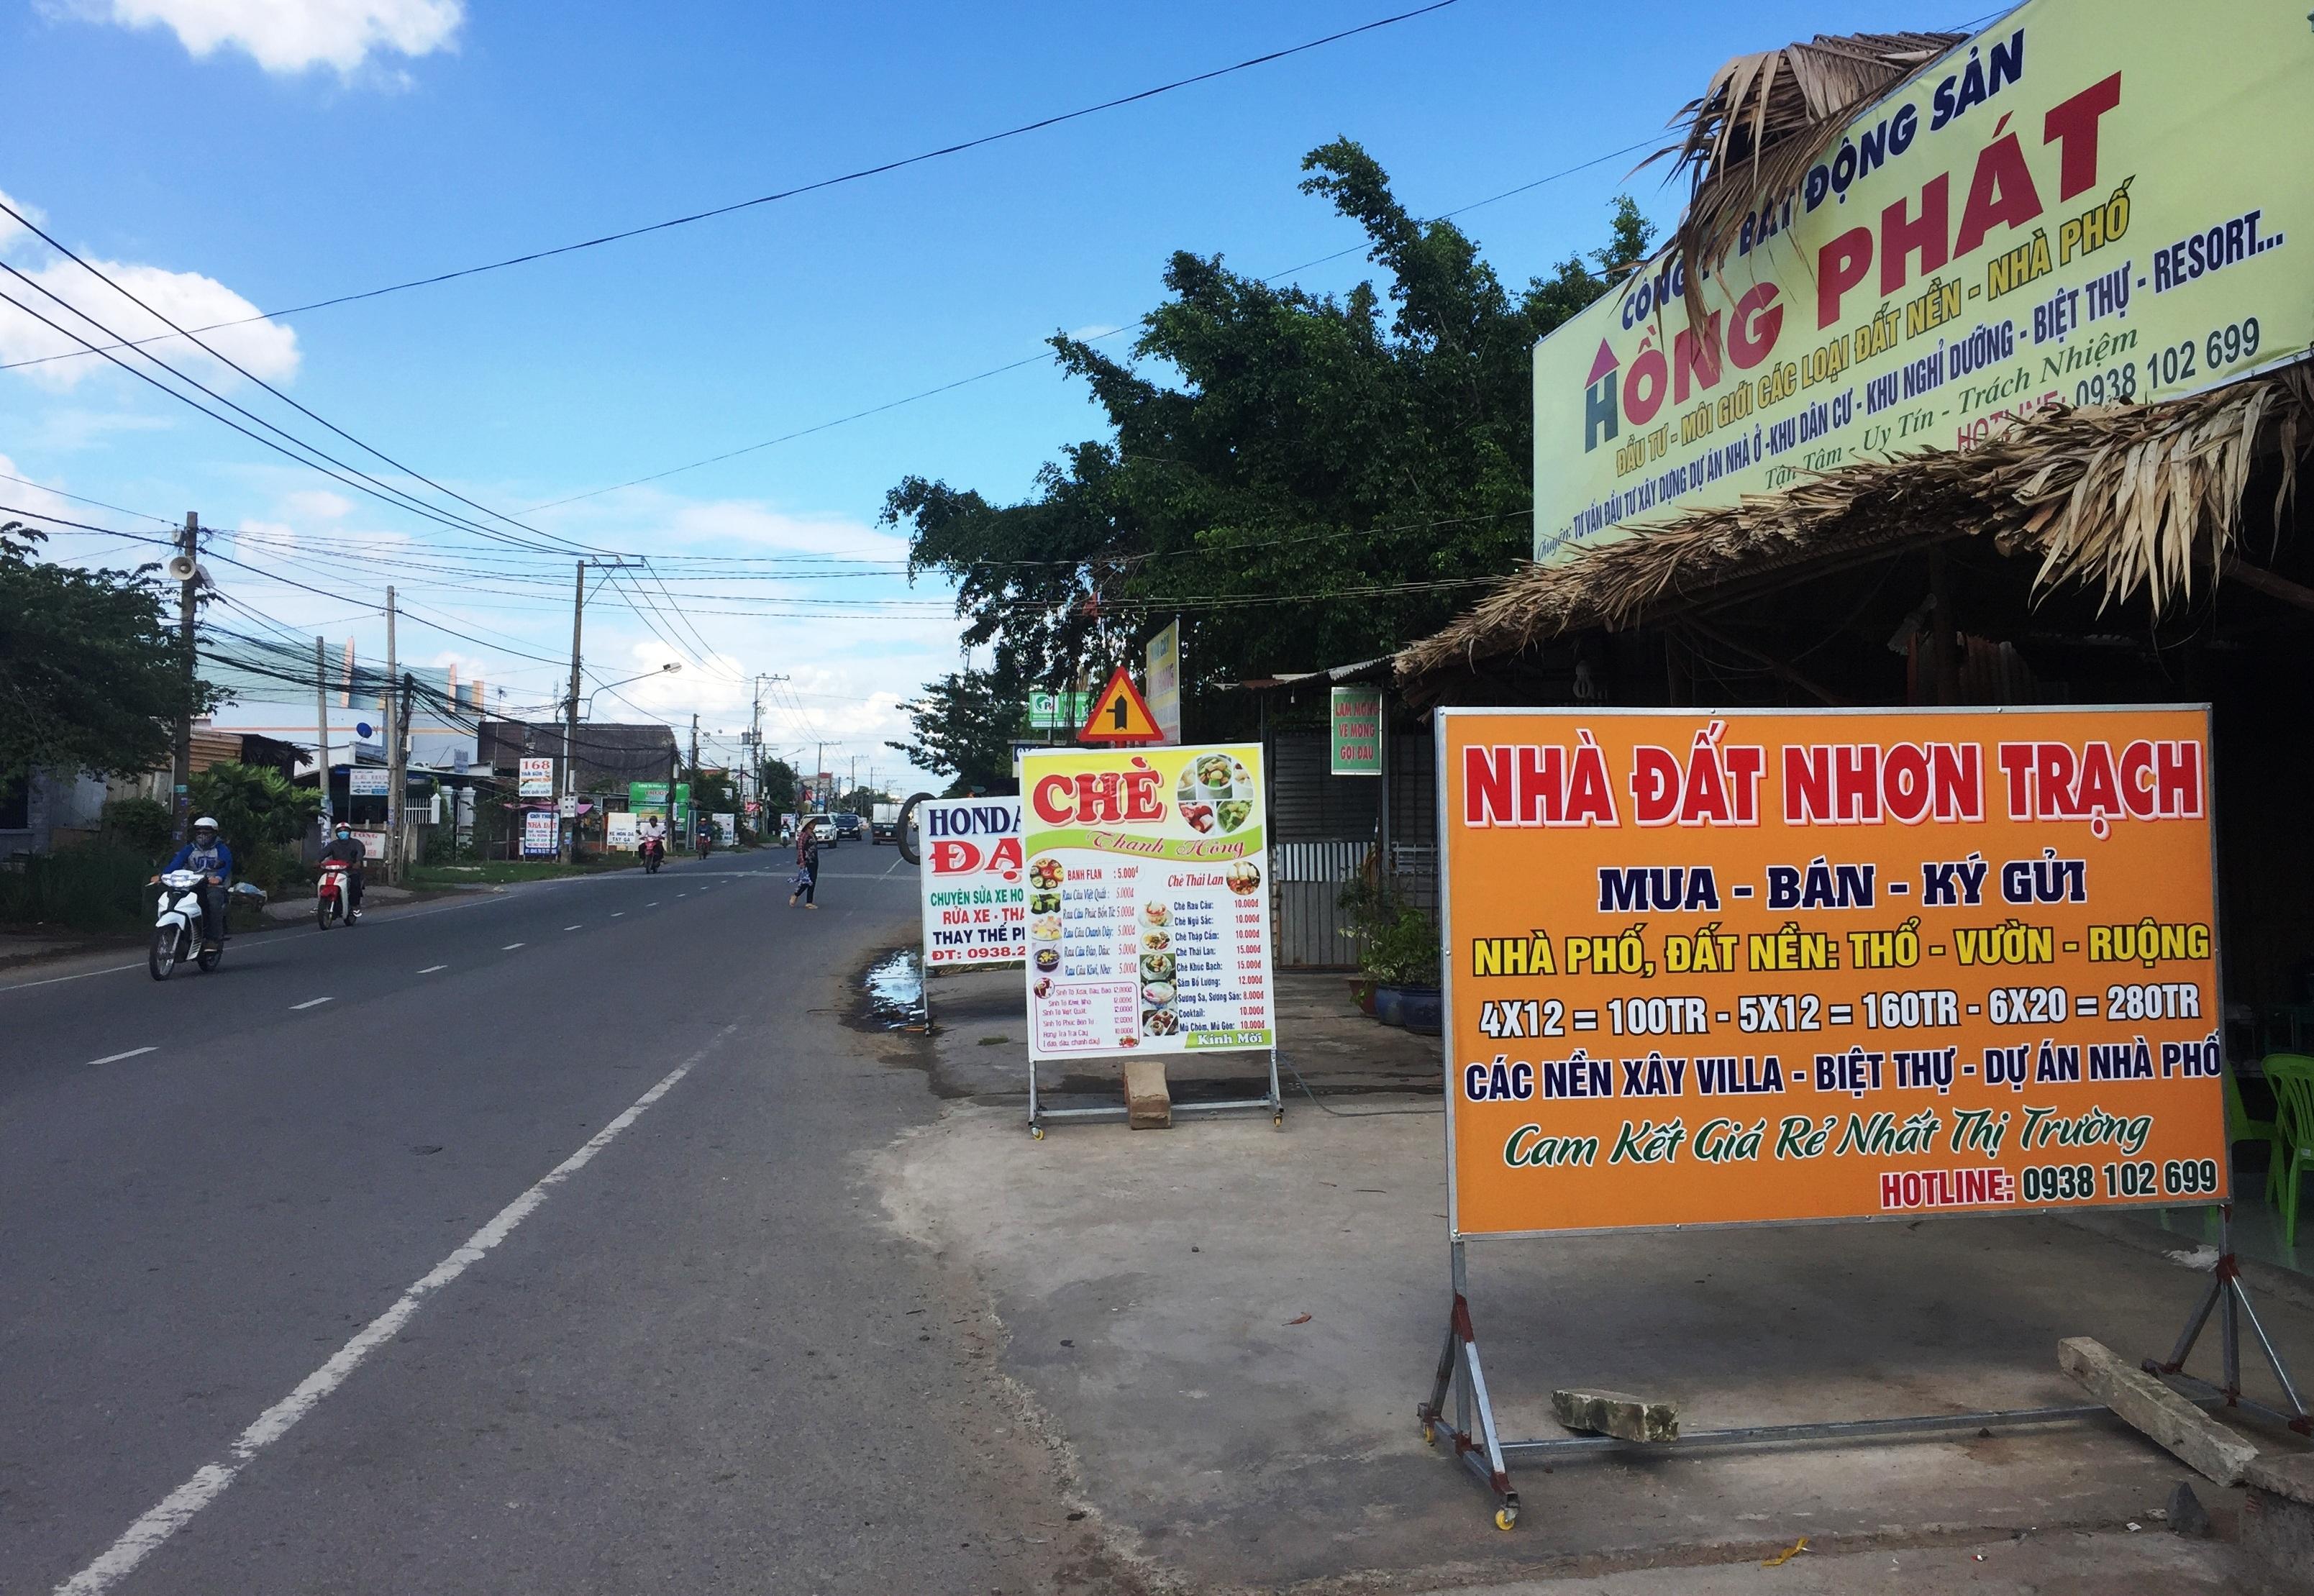 Theo lãnh đạo xã Phú Hữu, thị trường nhà đất ở địa phương và các xã lân cận đã nóng lên theo thông tin sẽ xây cầu thay bến phà Cát Lái.